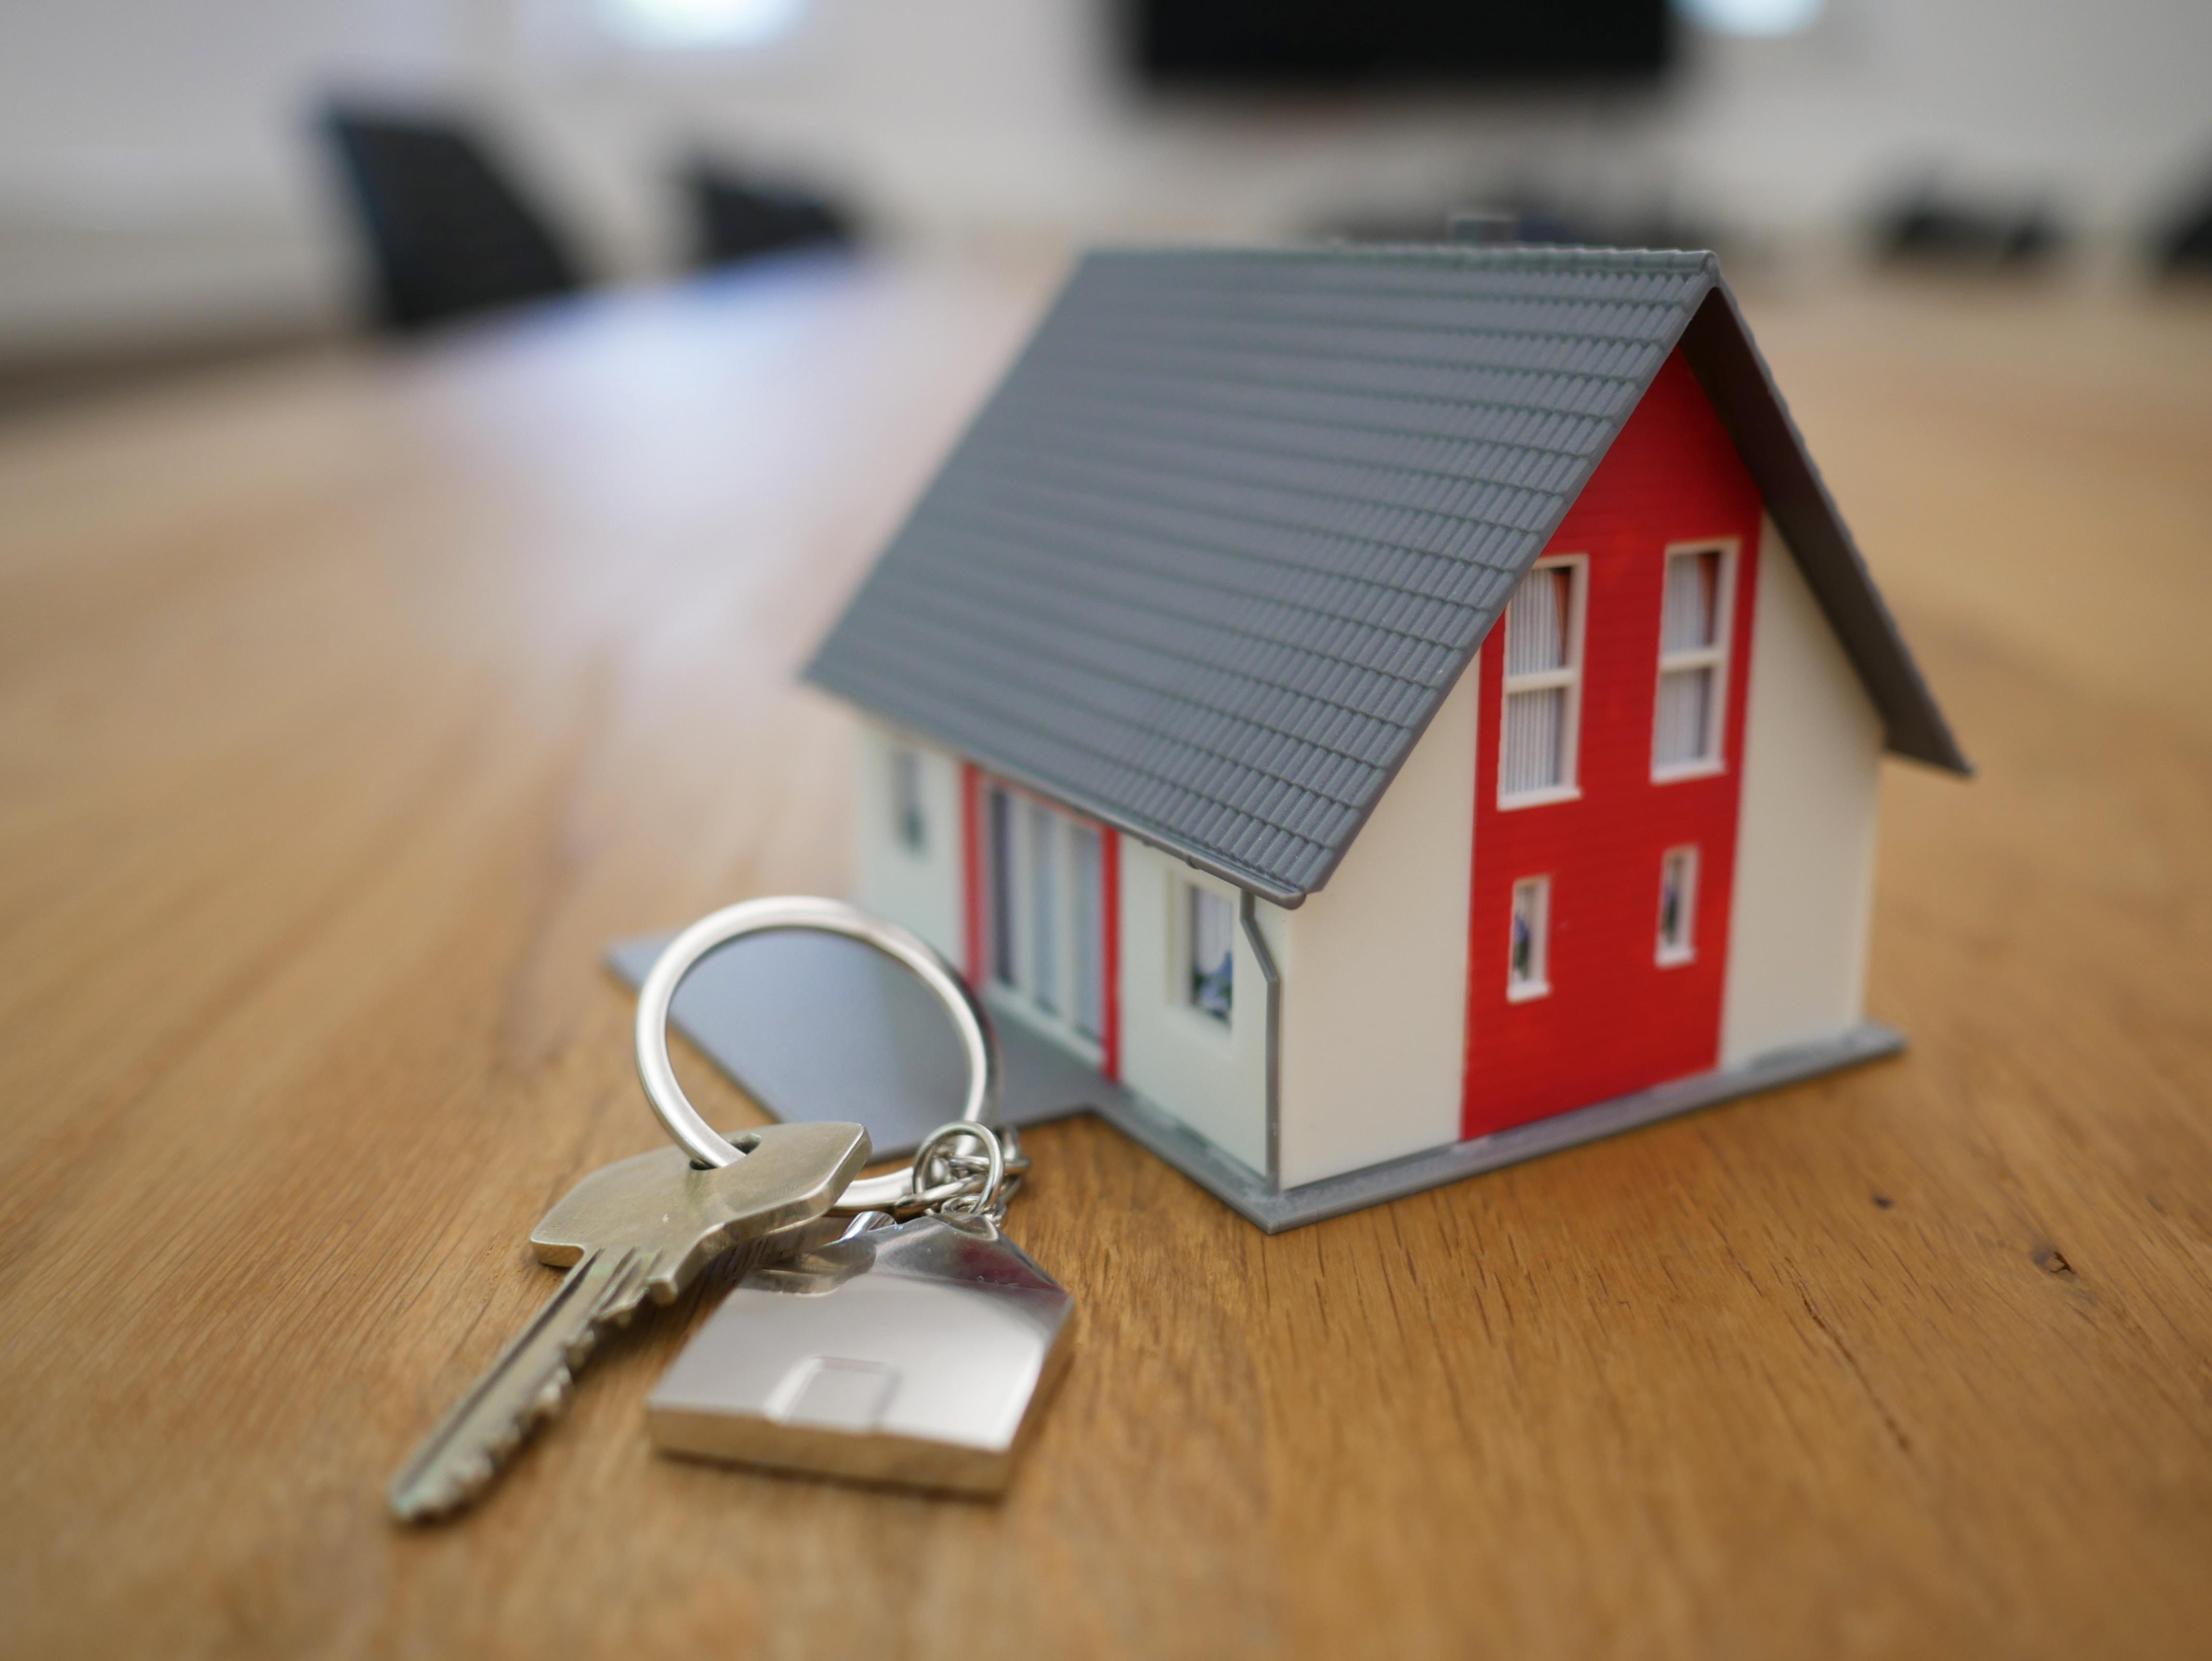 מדריך: איך לקבל משכנתא גם אם יש לכם דירוג אשראי נמוך